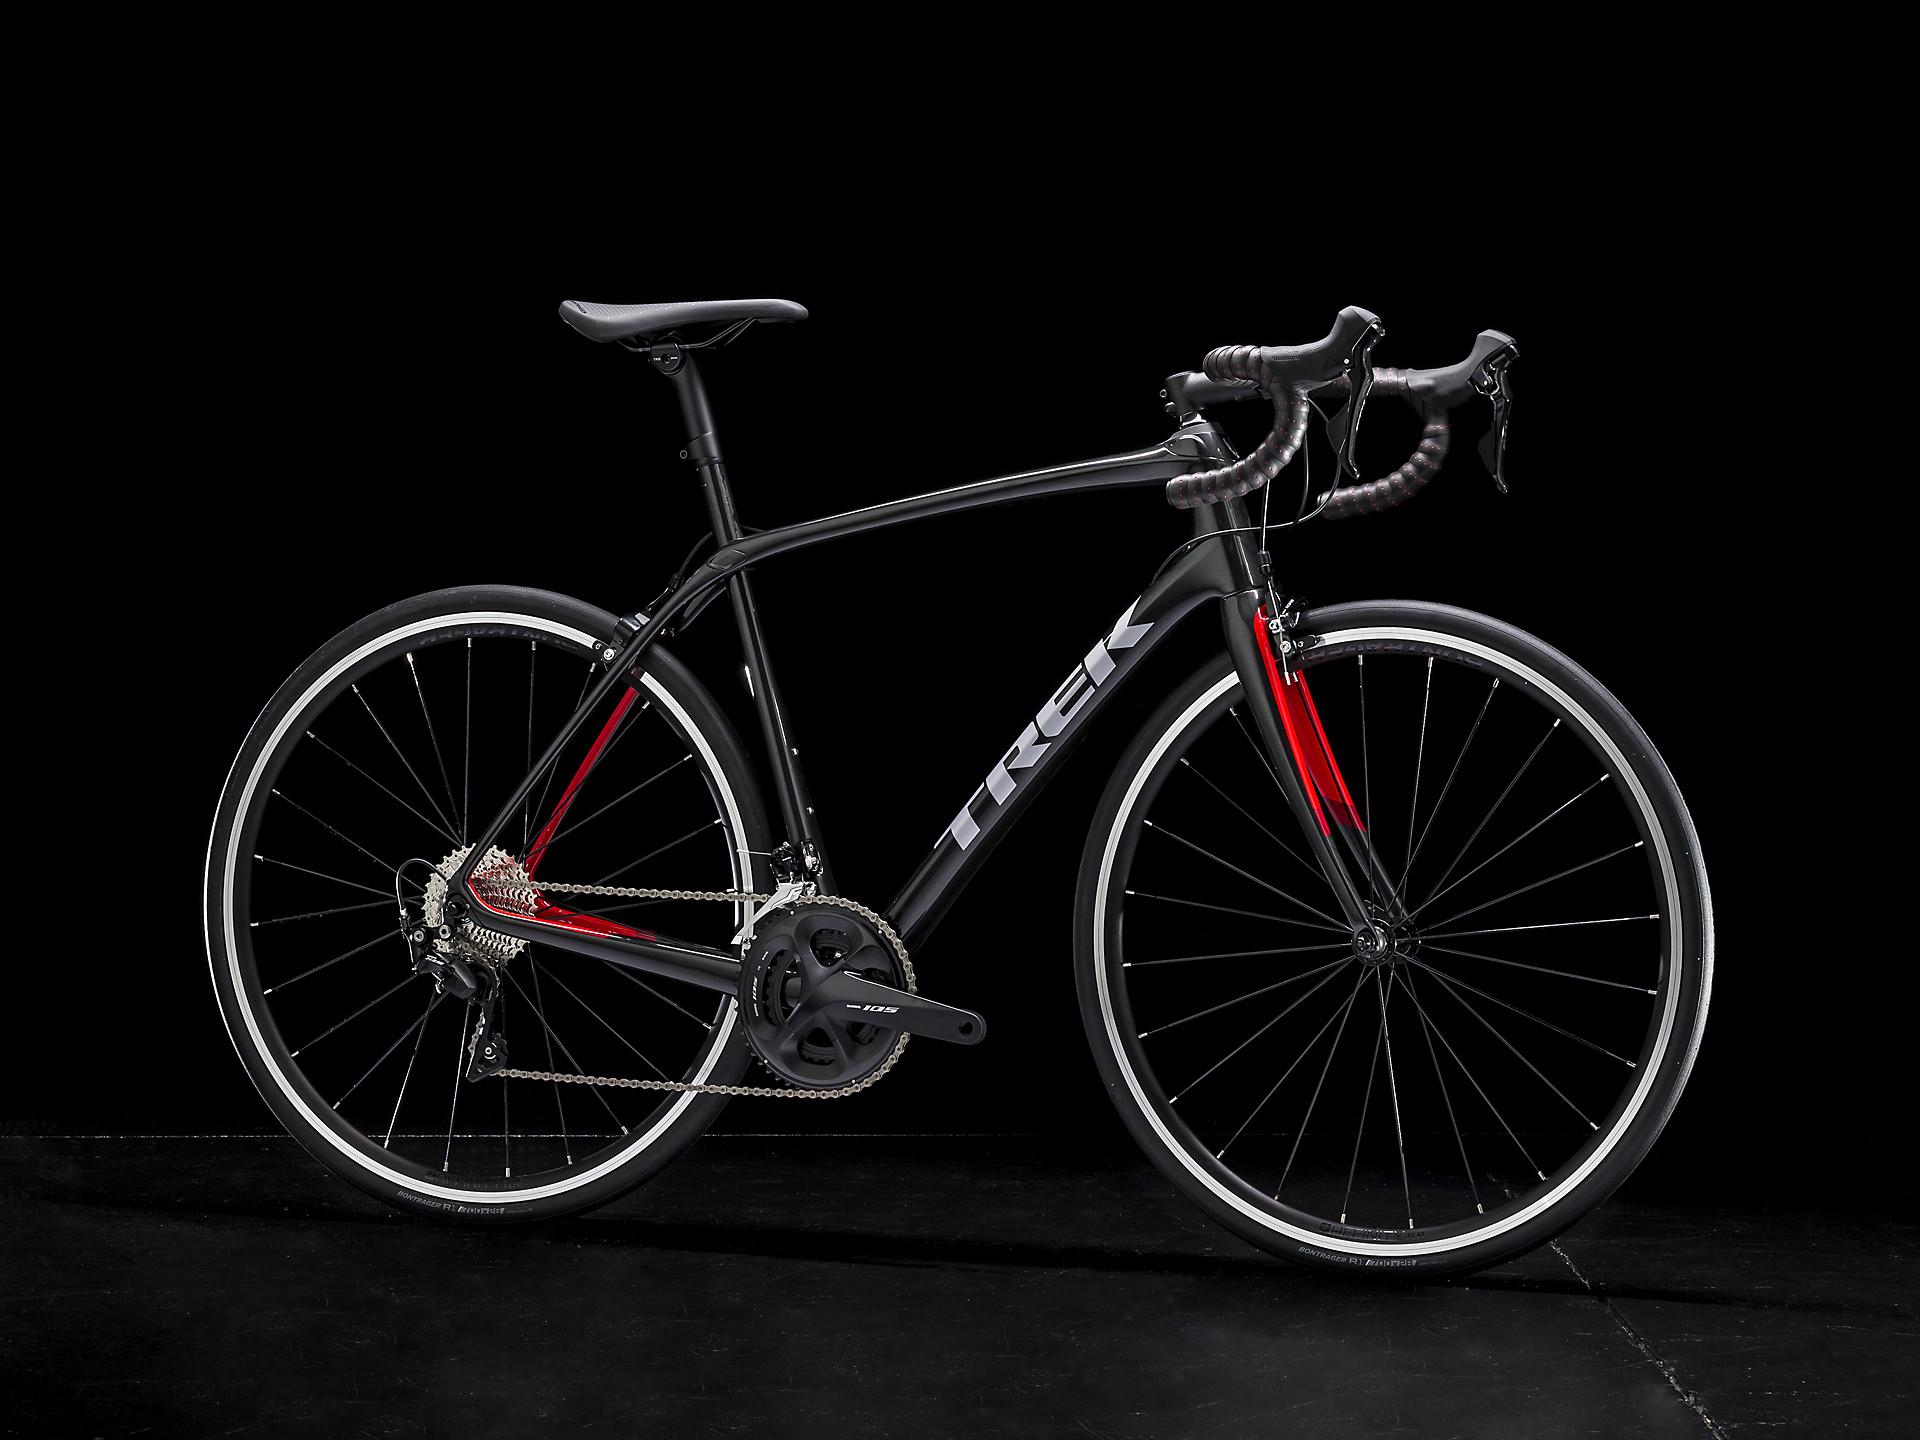 eca4ef7e5e2 Domane SL 5 | Trek Bikes (FR)